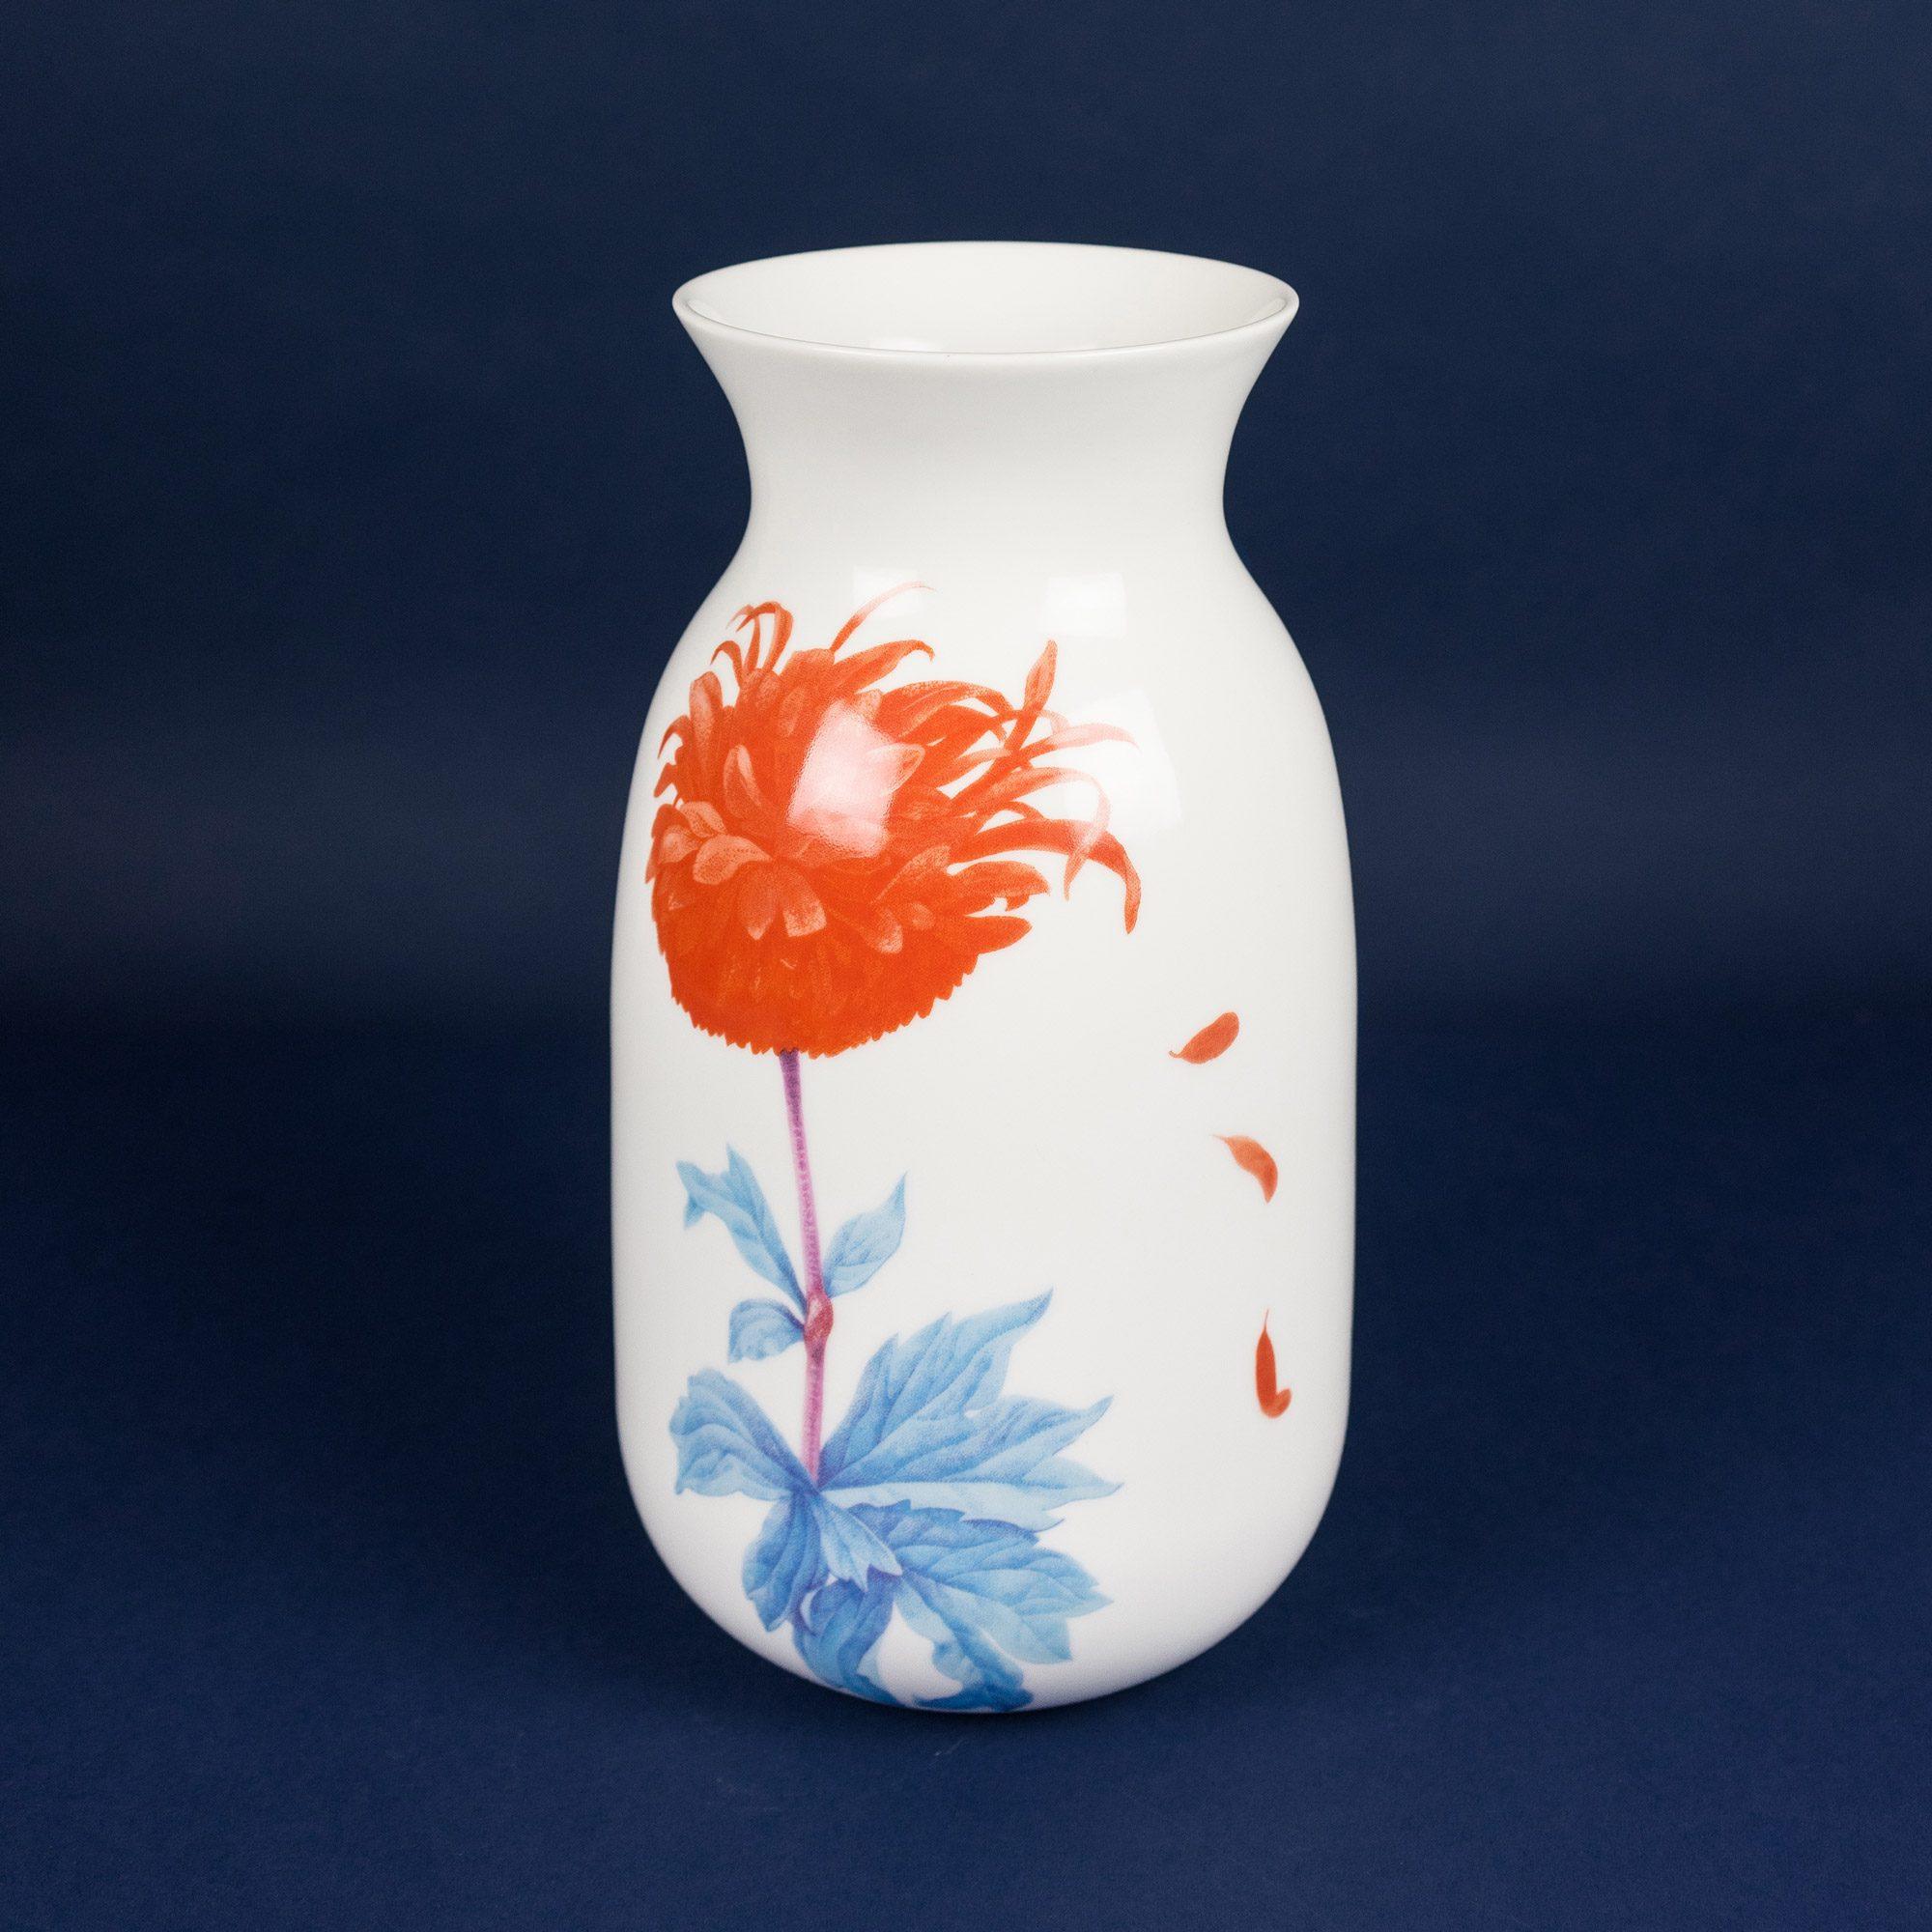 Porcelain vase orange and blue by Krehky